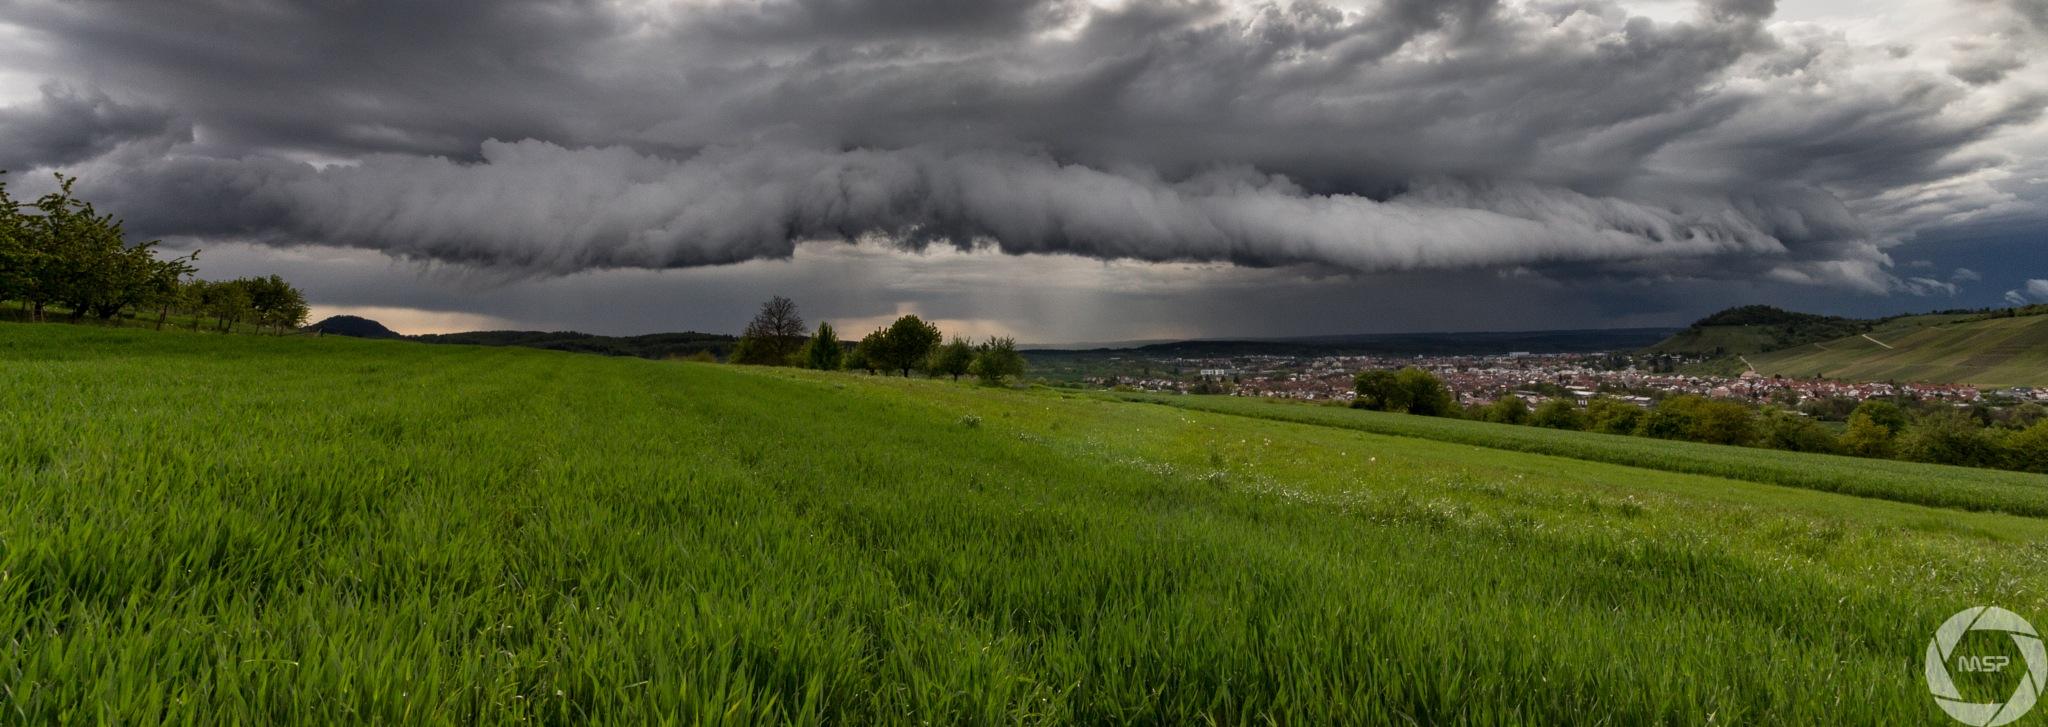 Cloudscape by Martin Schunack